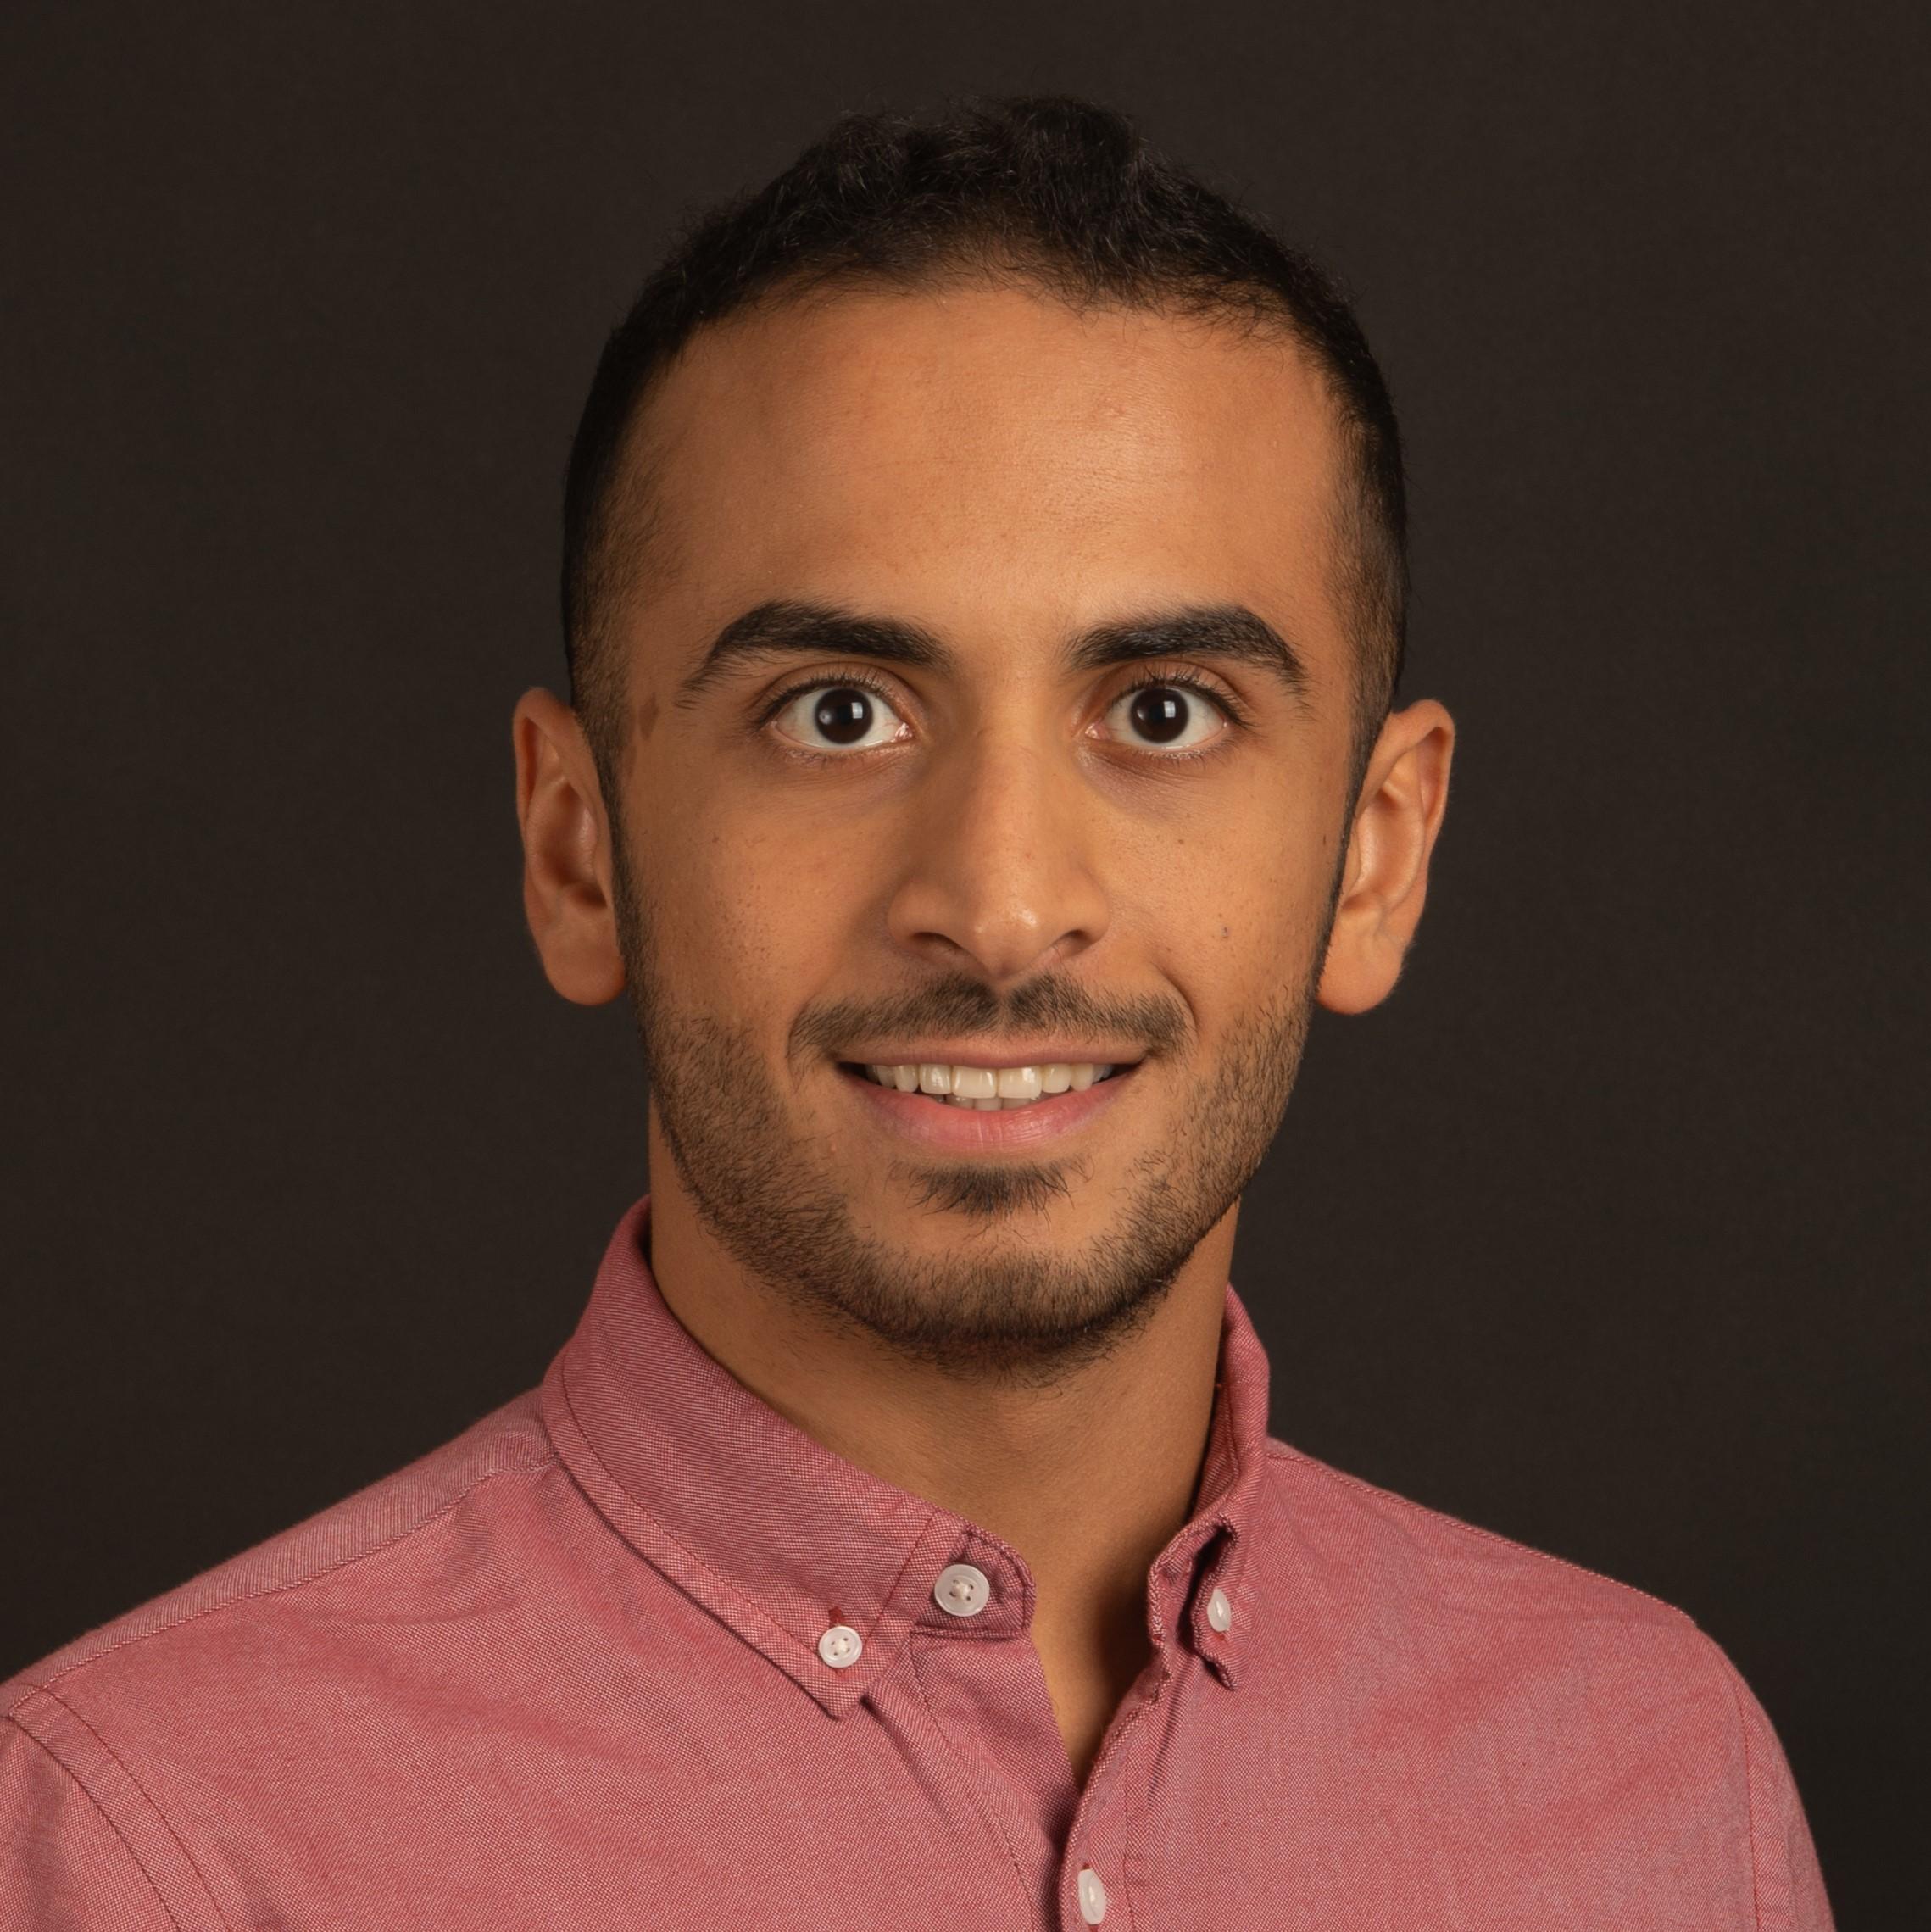 Abdulaziz Alhassan